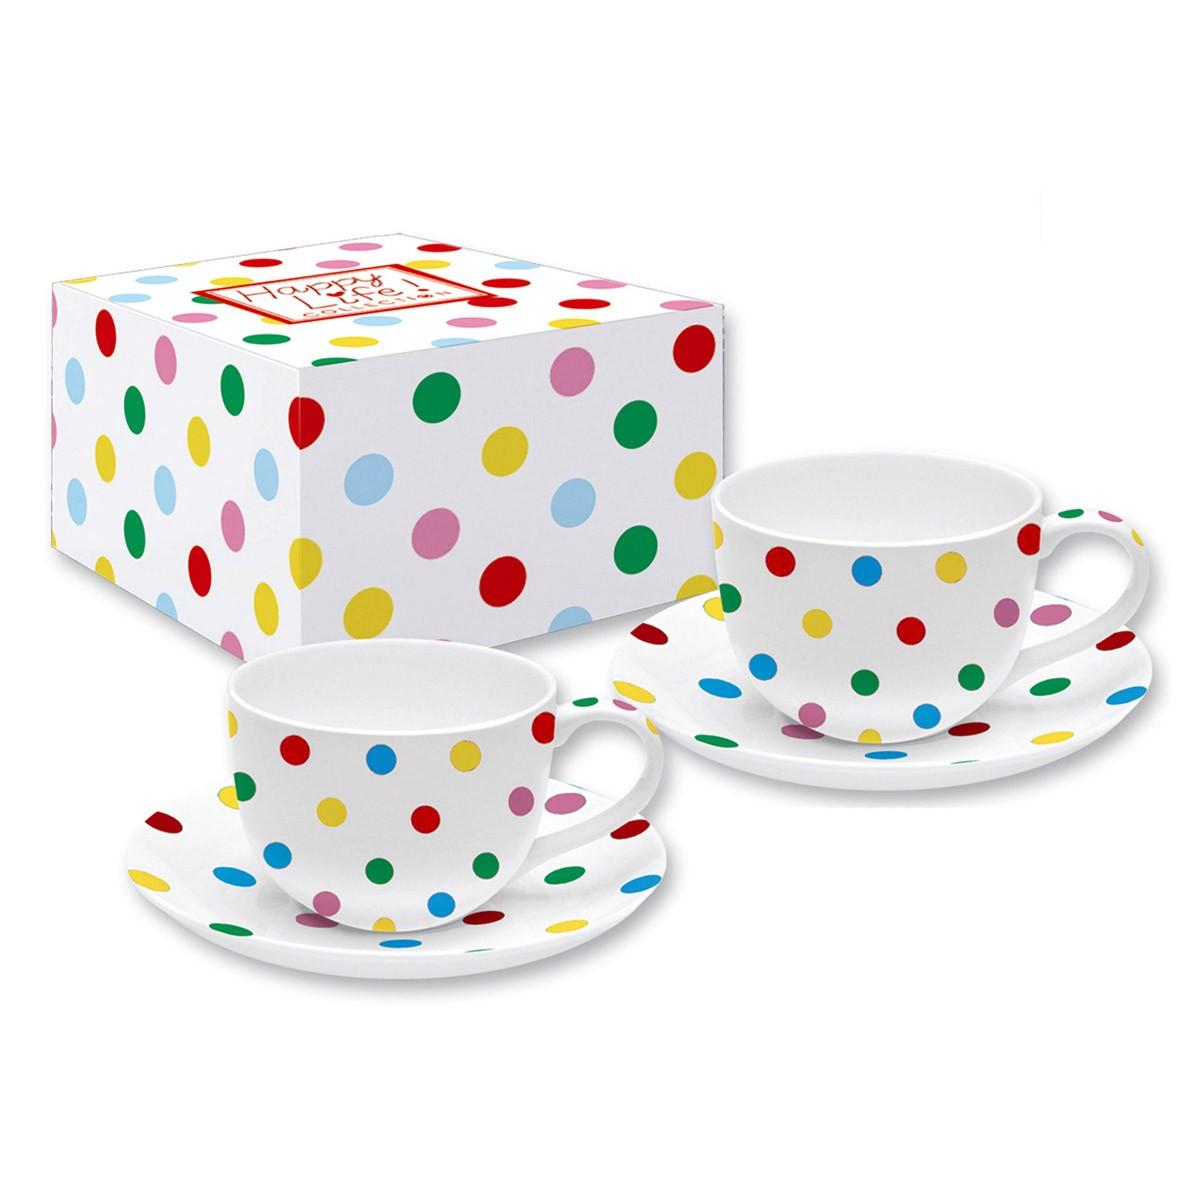 Φλυτζάνια Καφέ + Πιατάκια (Σετ 2τμχ) Marva Pois R0364ΡΟΙC